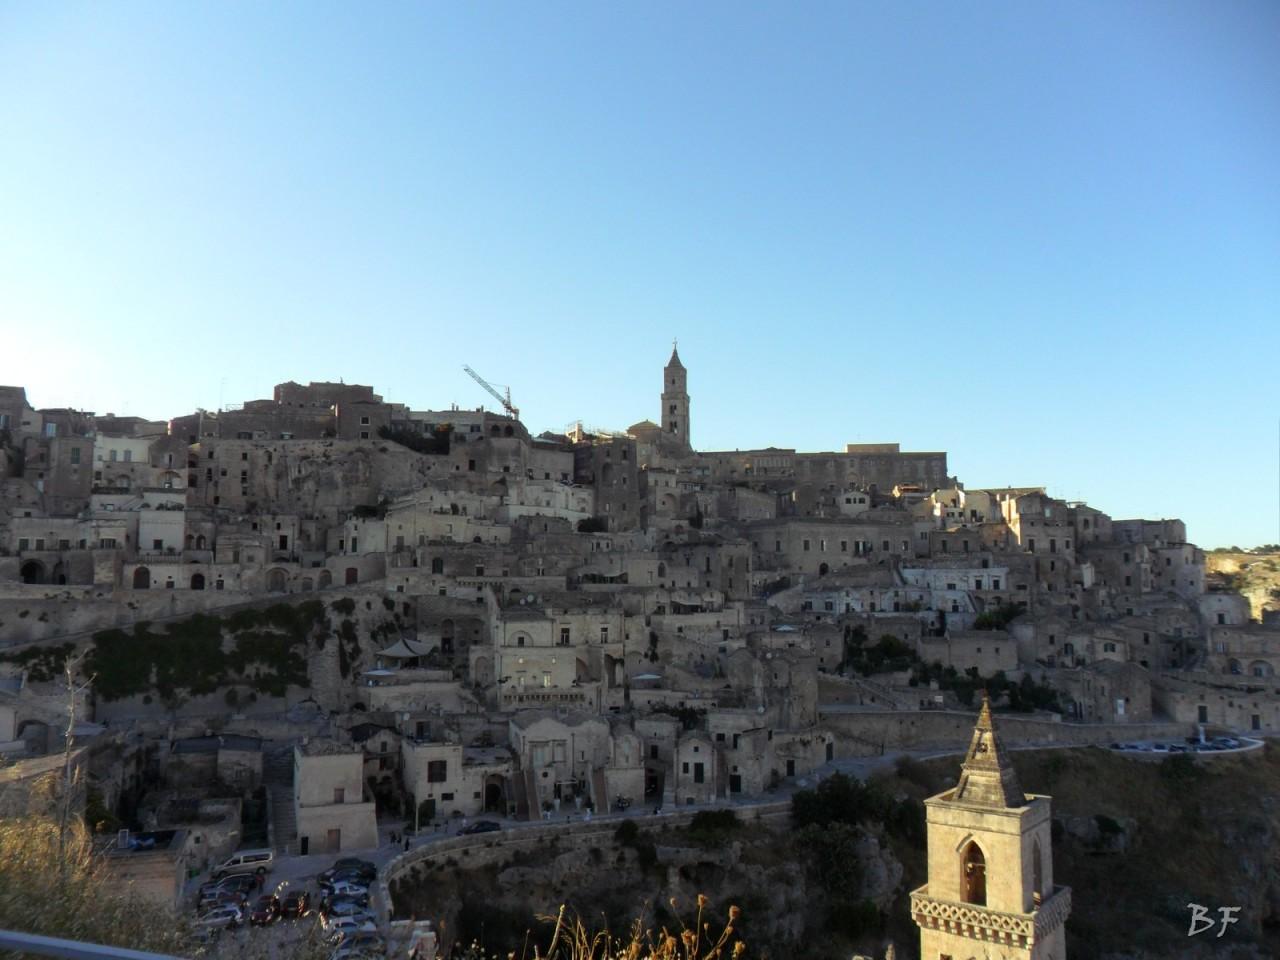 Sasso-Caveoso-Edifici-Rupestri-Megaliti-Sassi-di-Matera-basilicata-Italia-11